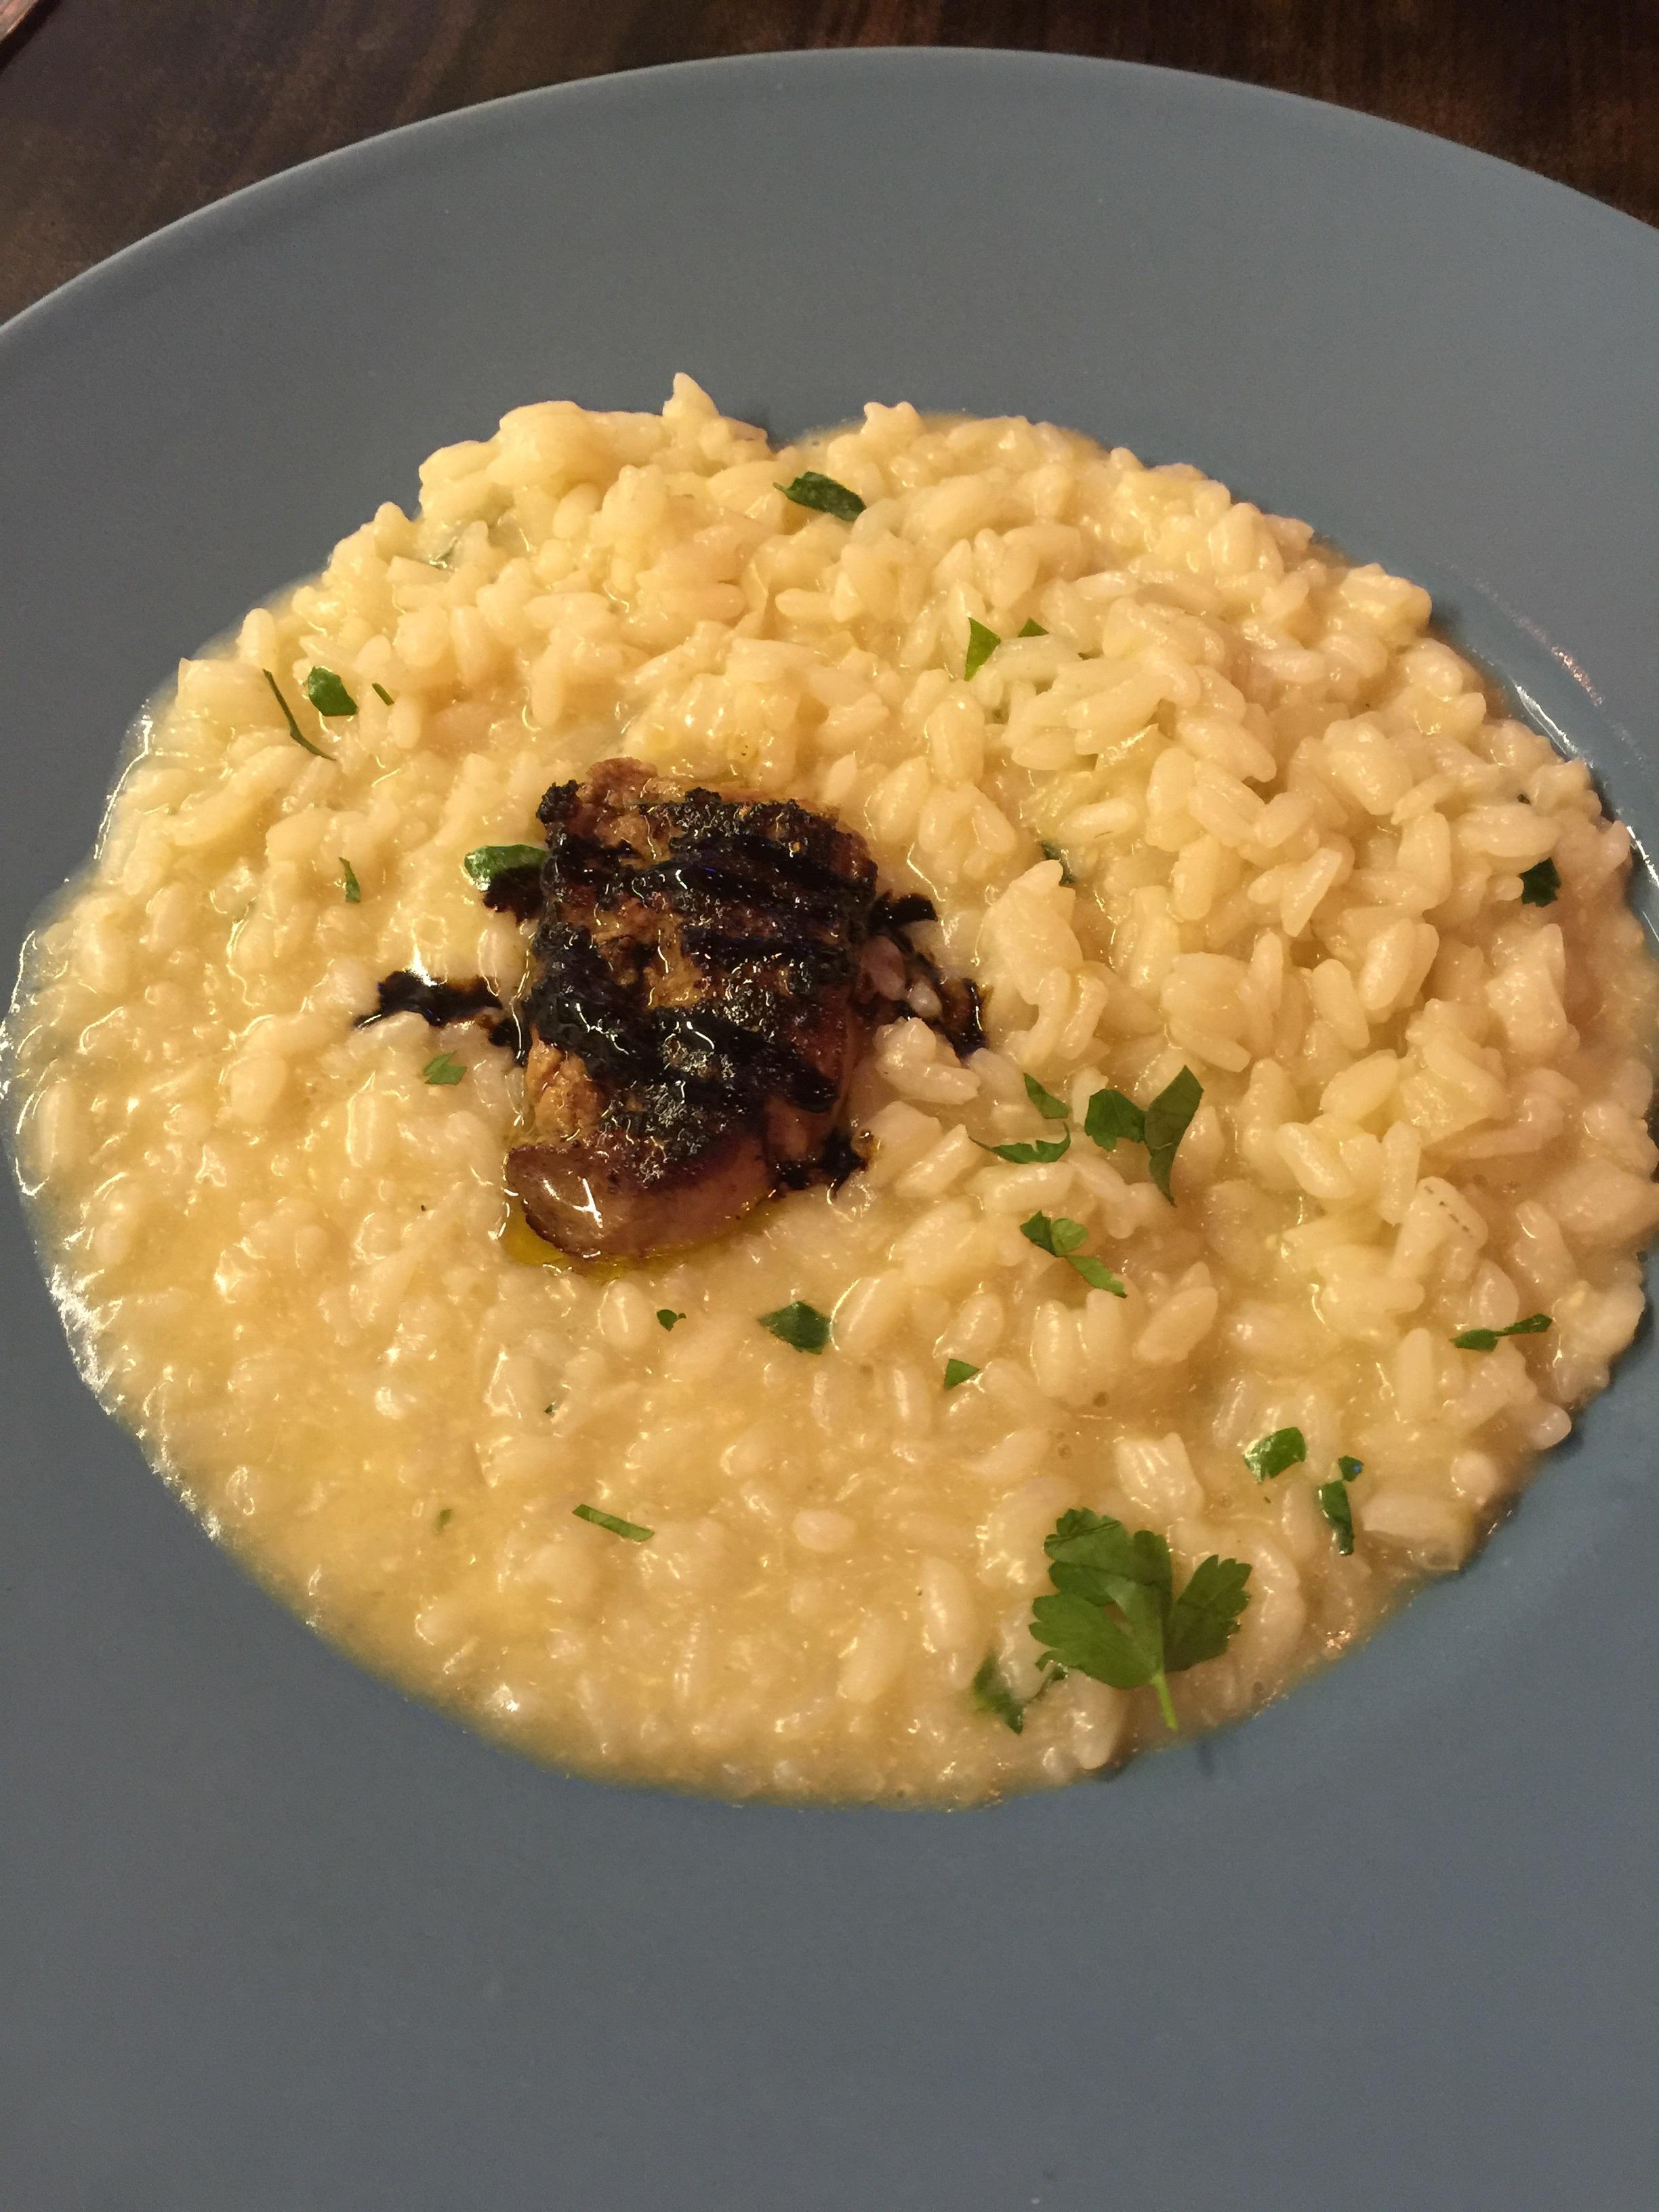 Fegato d'orca - foie grais with risotto